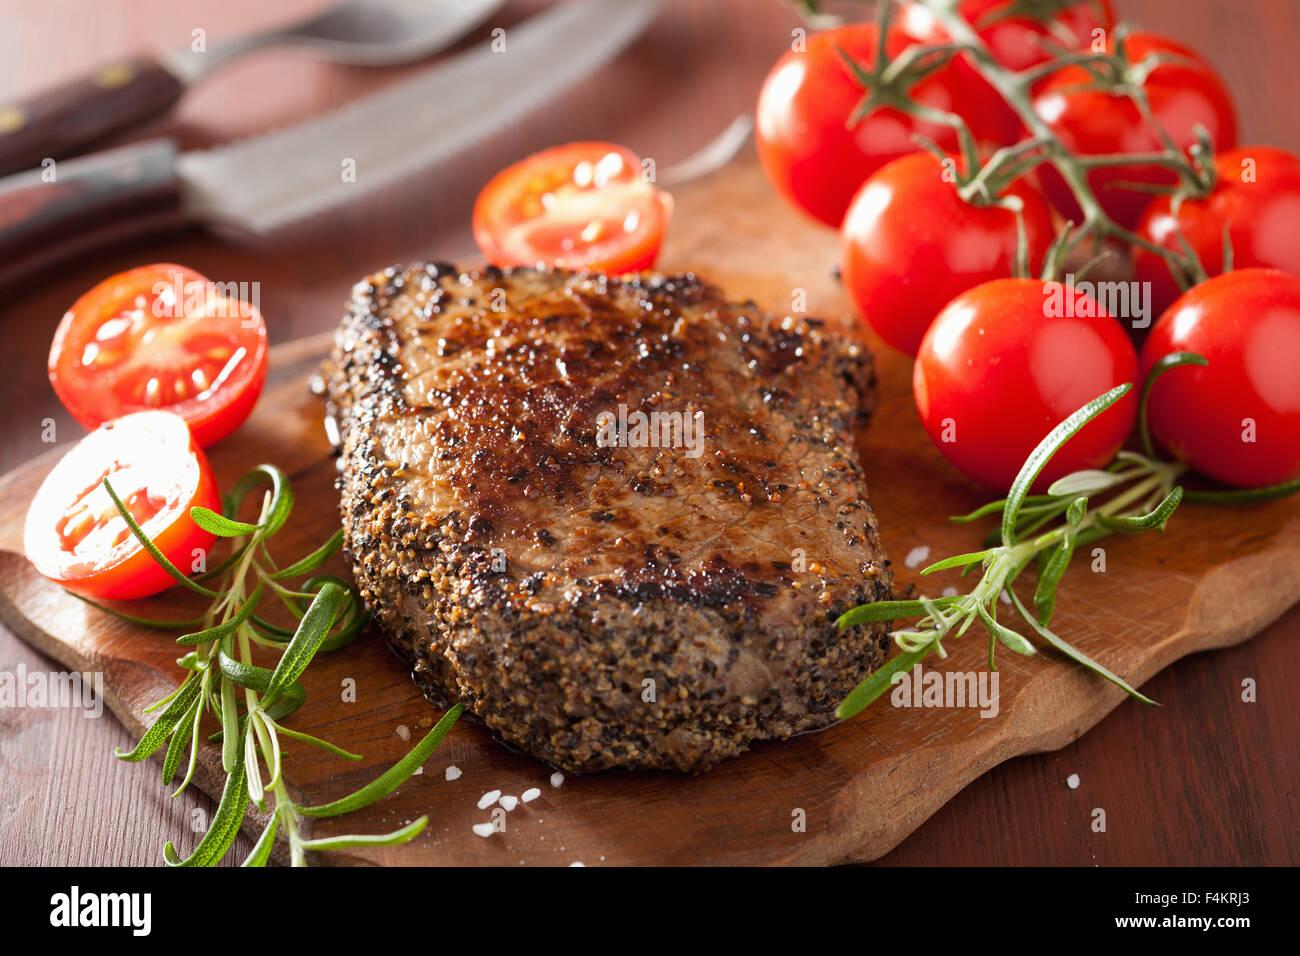 Filete de carne con especias y Rosemary sobre fondo de madera Imagen De Stock